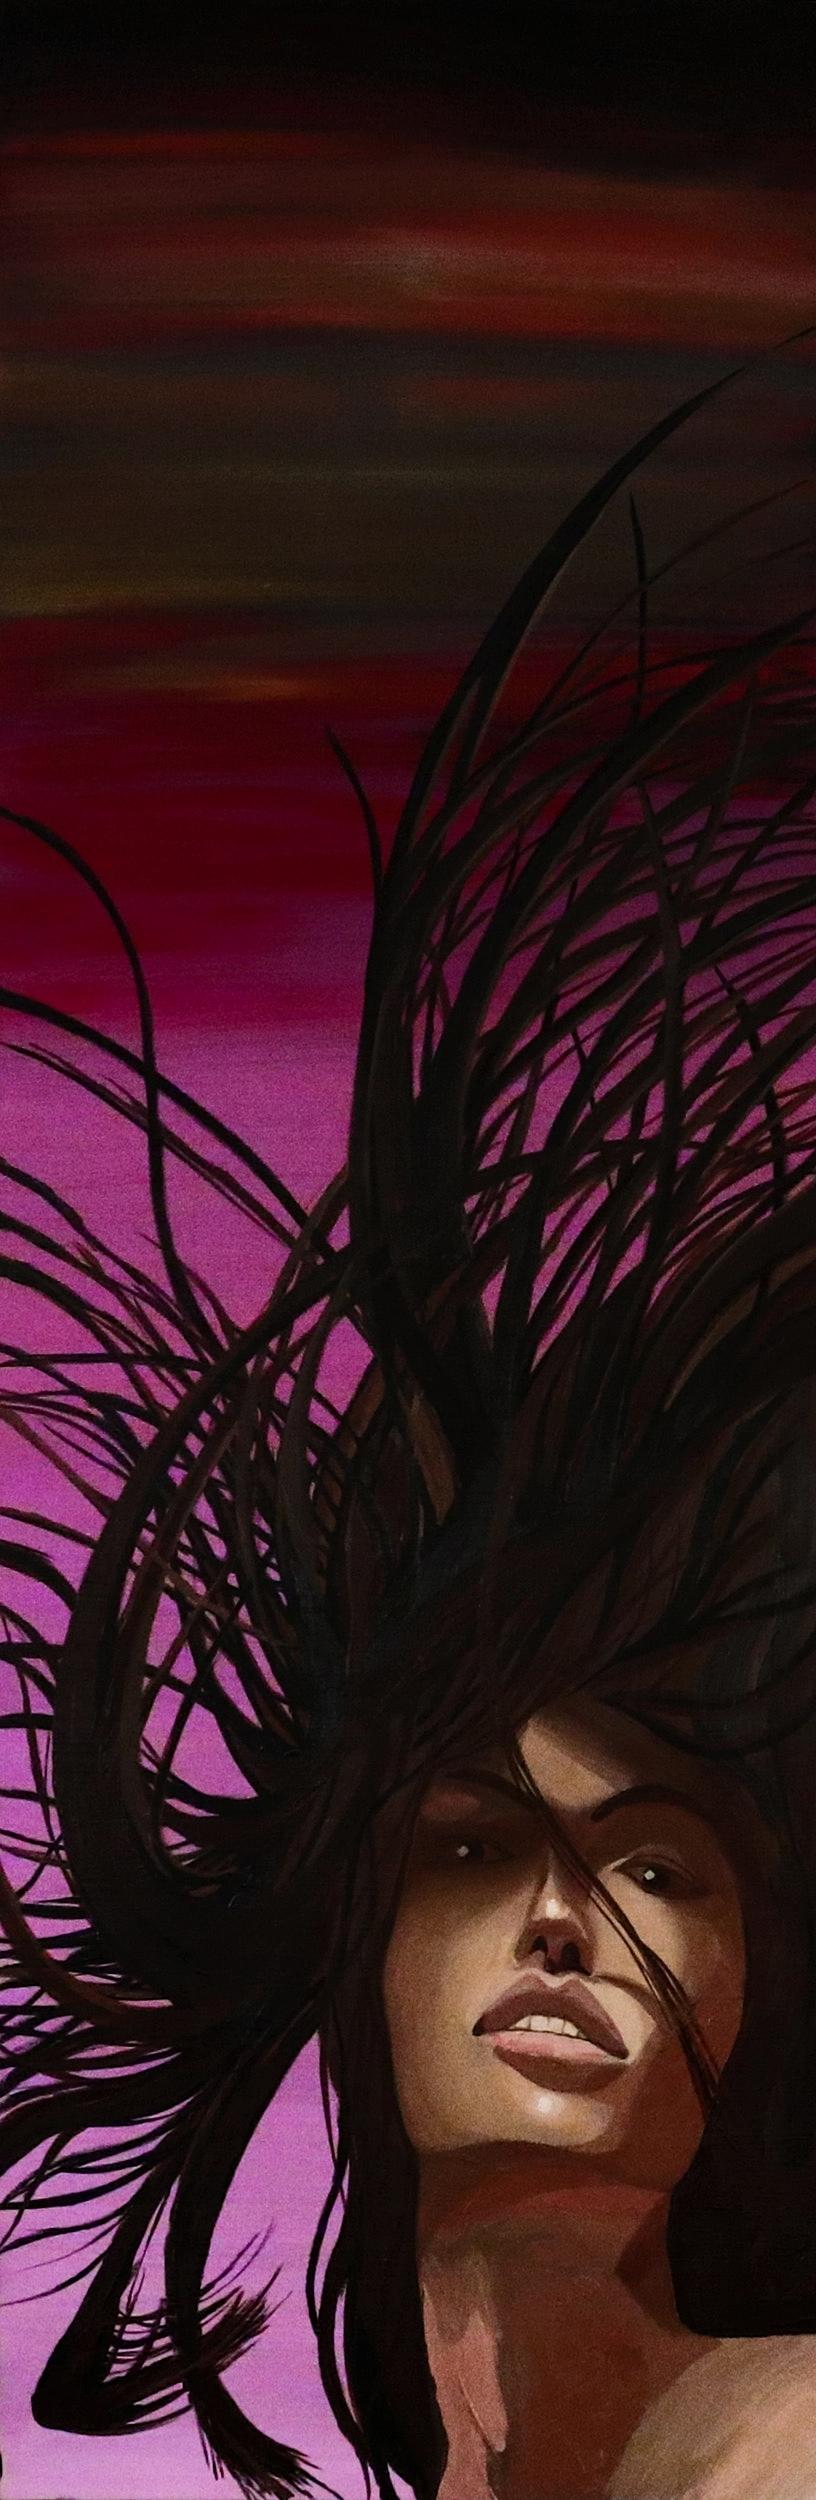 """2008 """"Stormy"""" - Zattii 2' x 6'- Oil on Canvas $8000"""